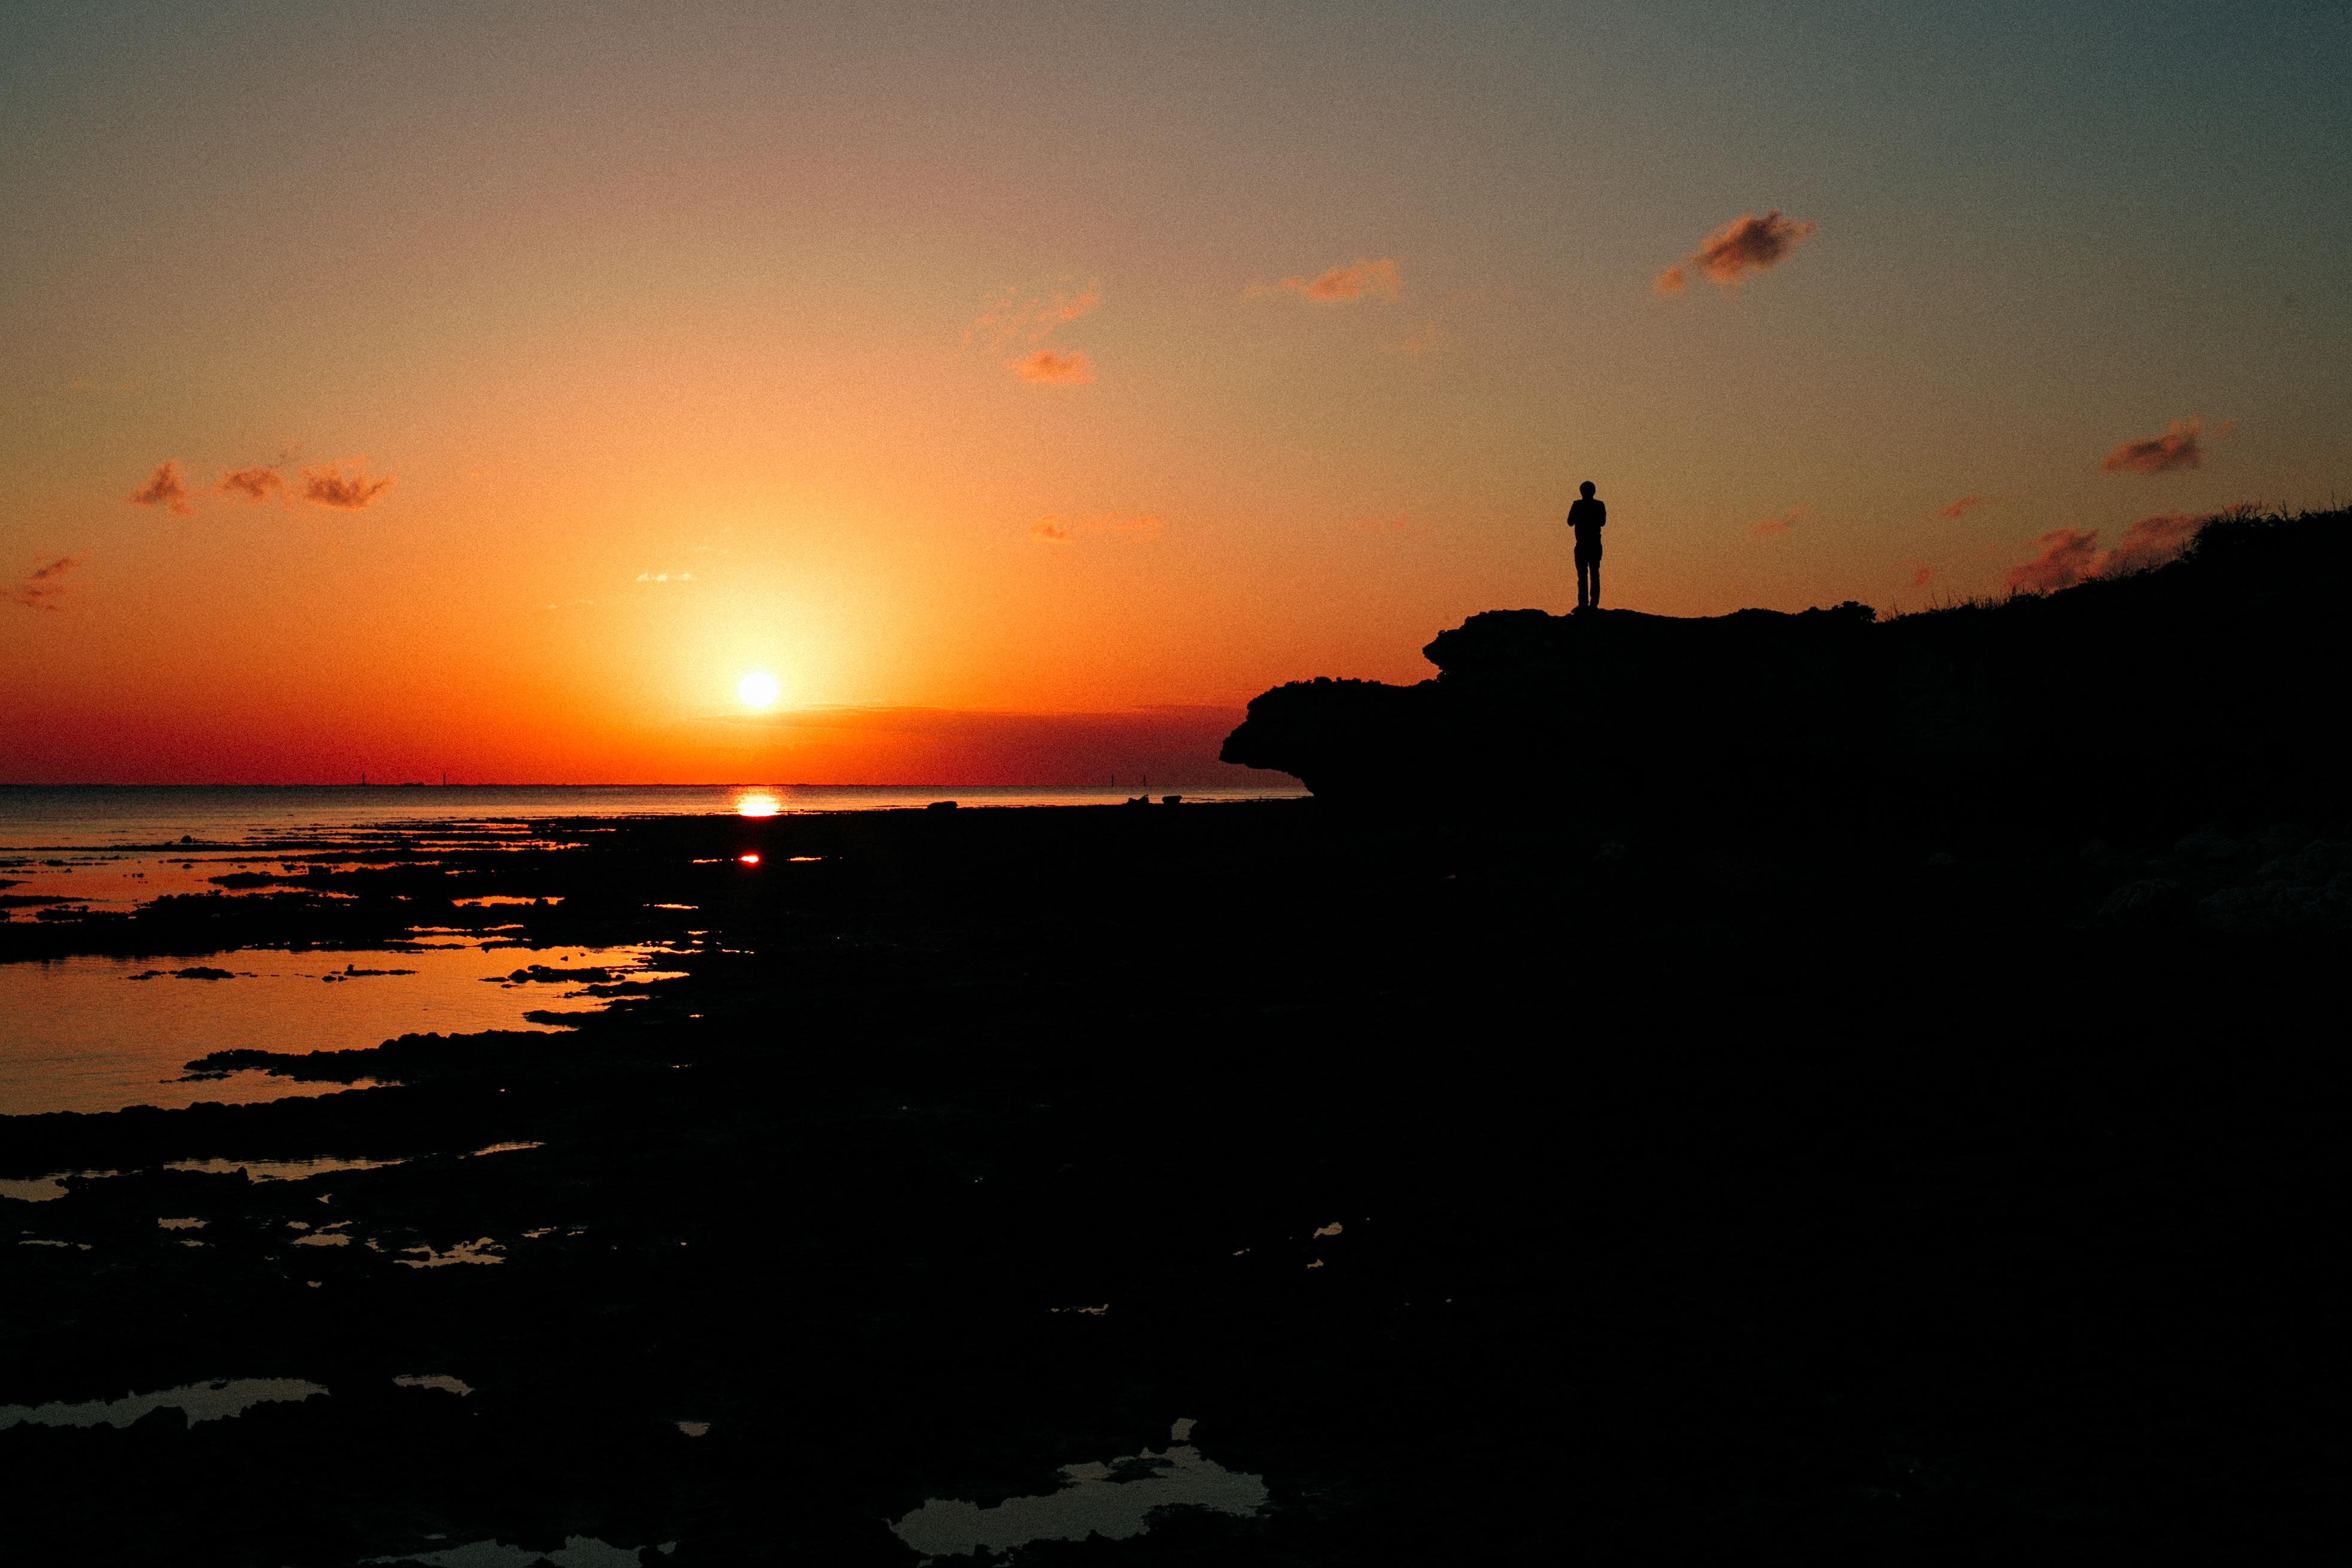 夕陽を見たままに美しく撮影したい